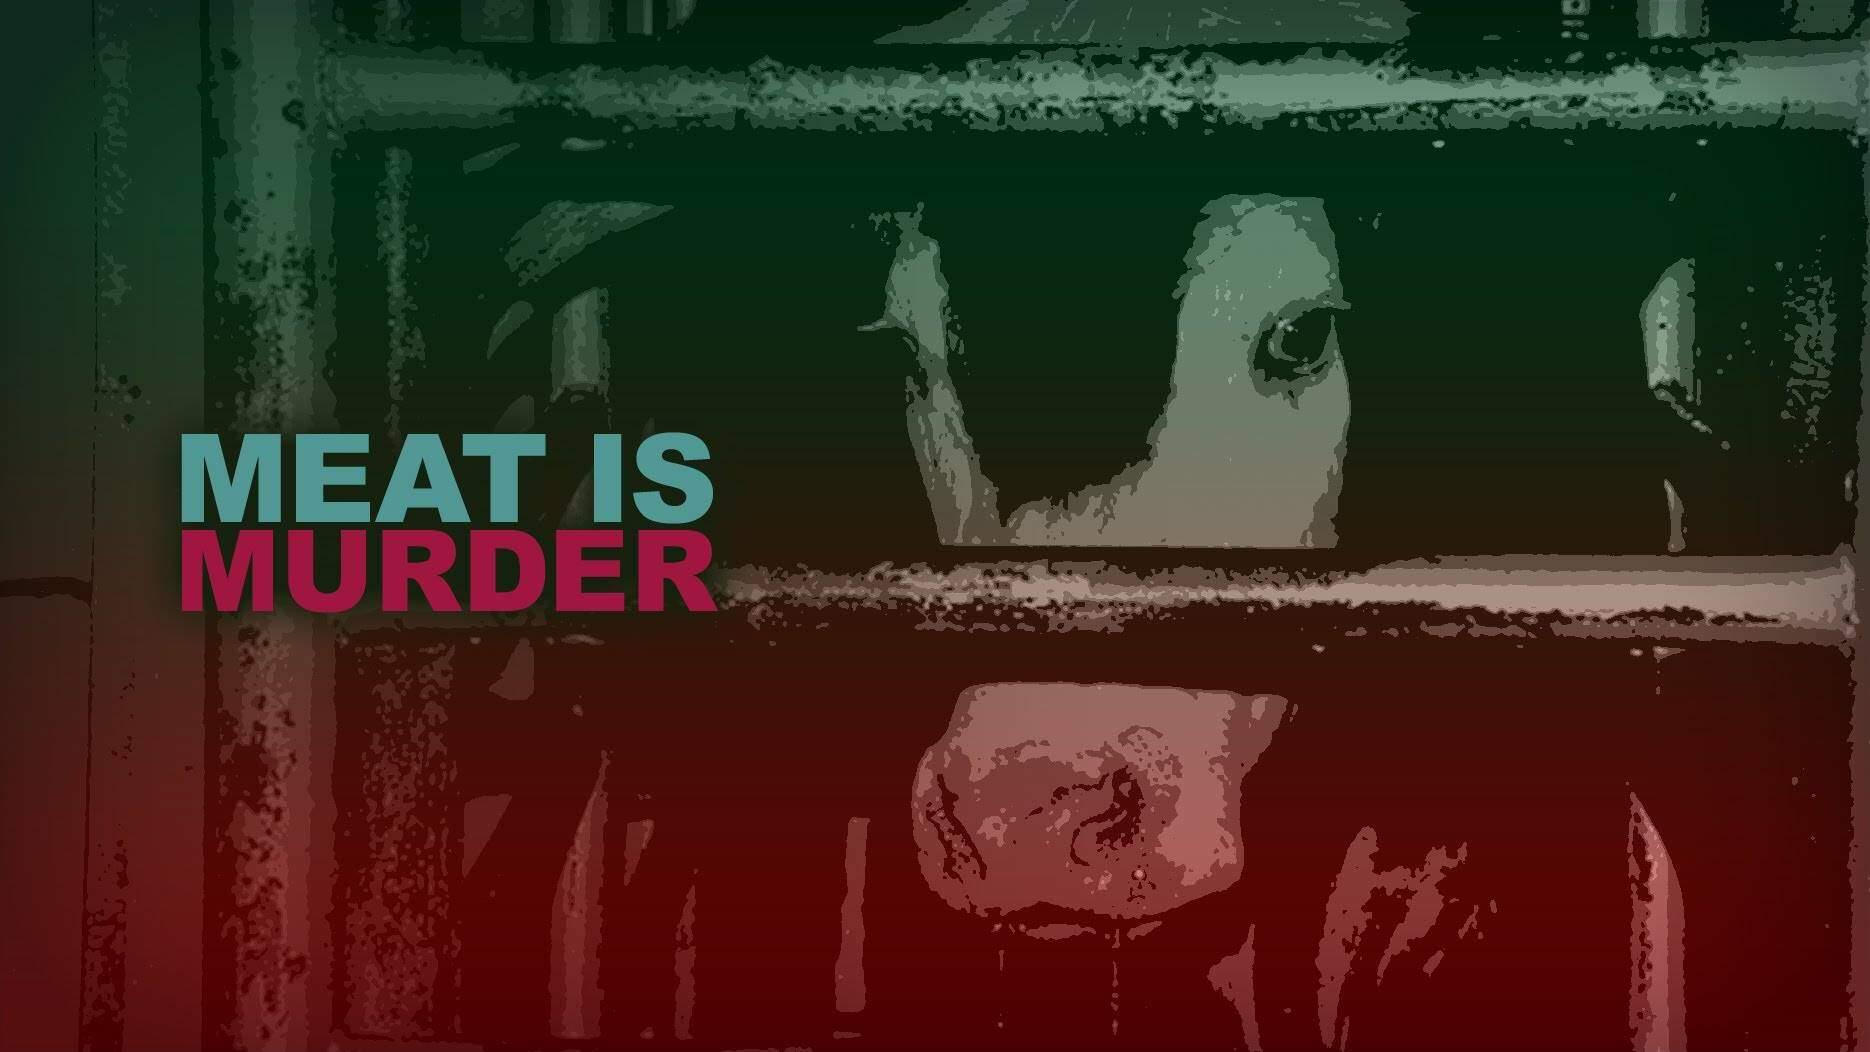 Meat Is Murder dei The Smiths diventa un videogioco per la PETA